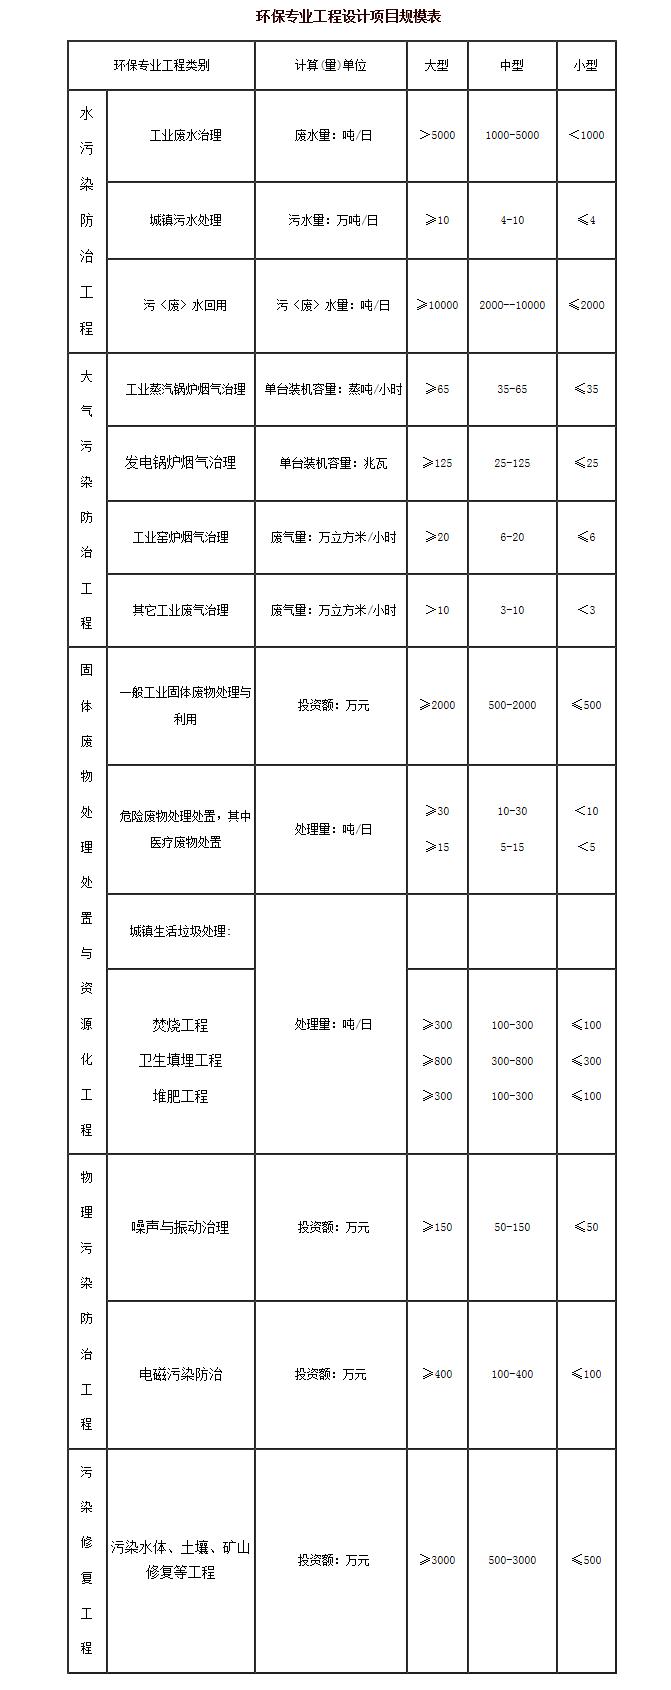 关于印发《注册环保工程师制度暂行规定、br考试实施办法、考核认定方法》的通知--中国人事考试网-副本